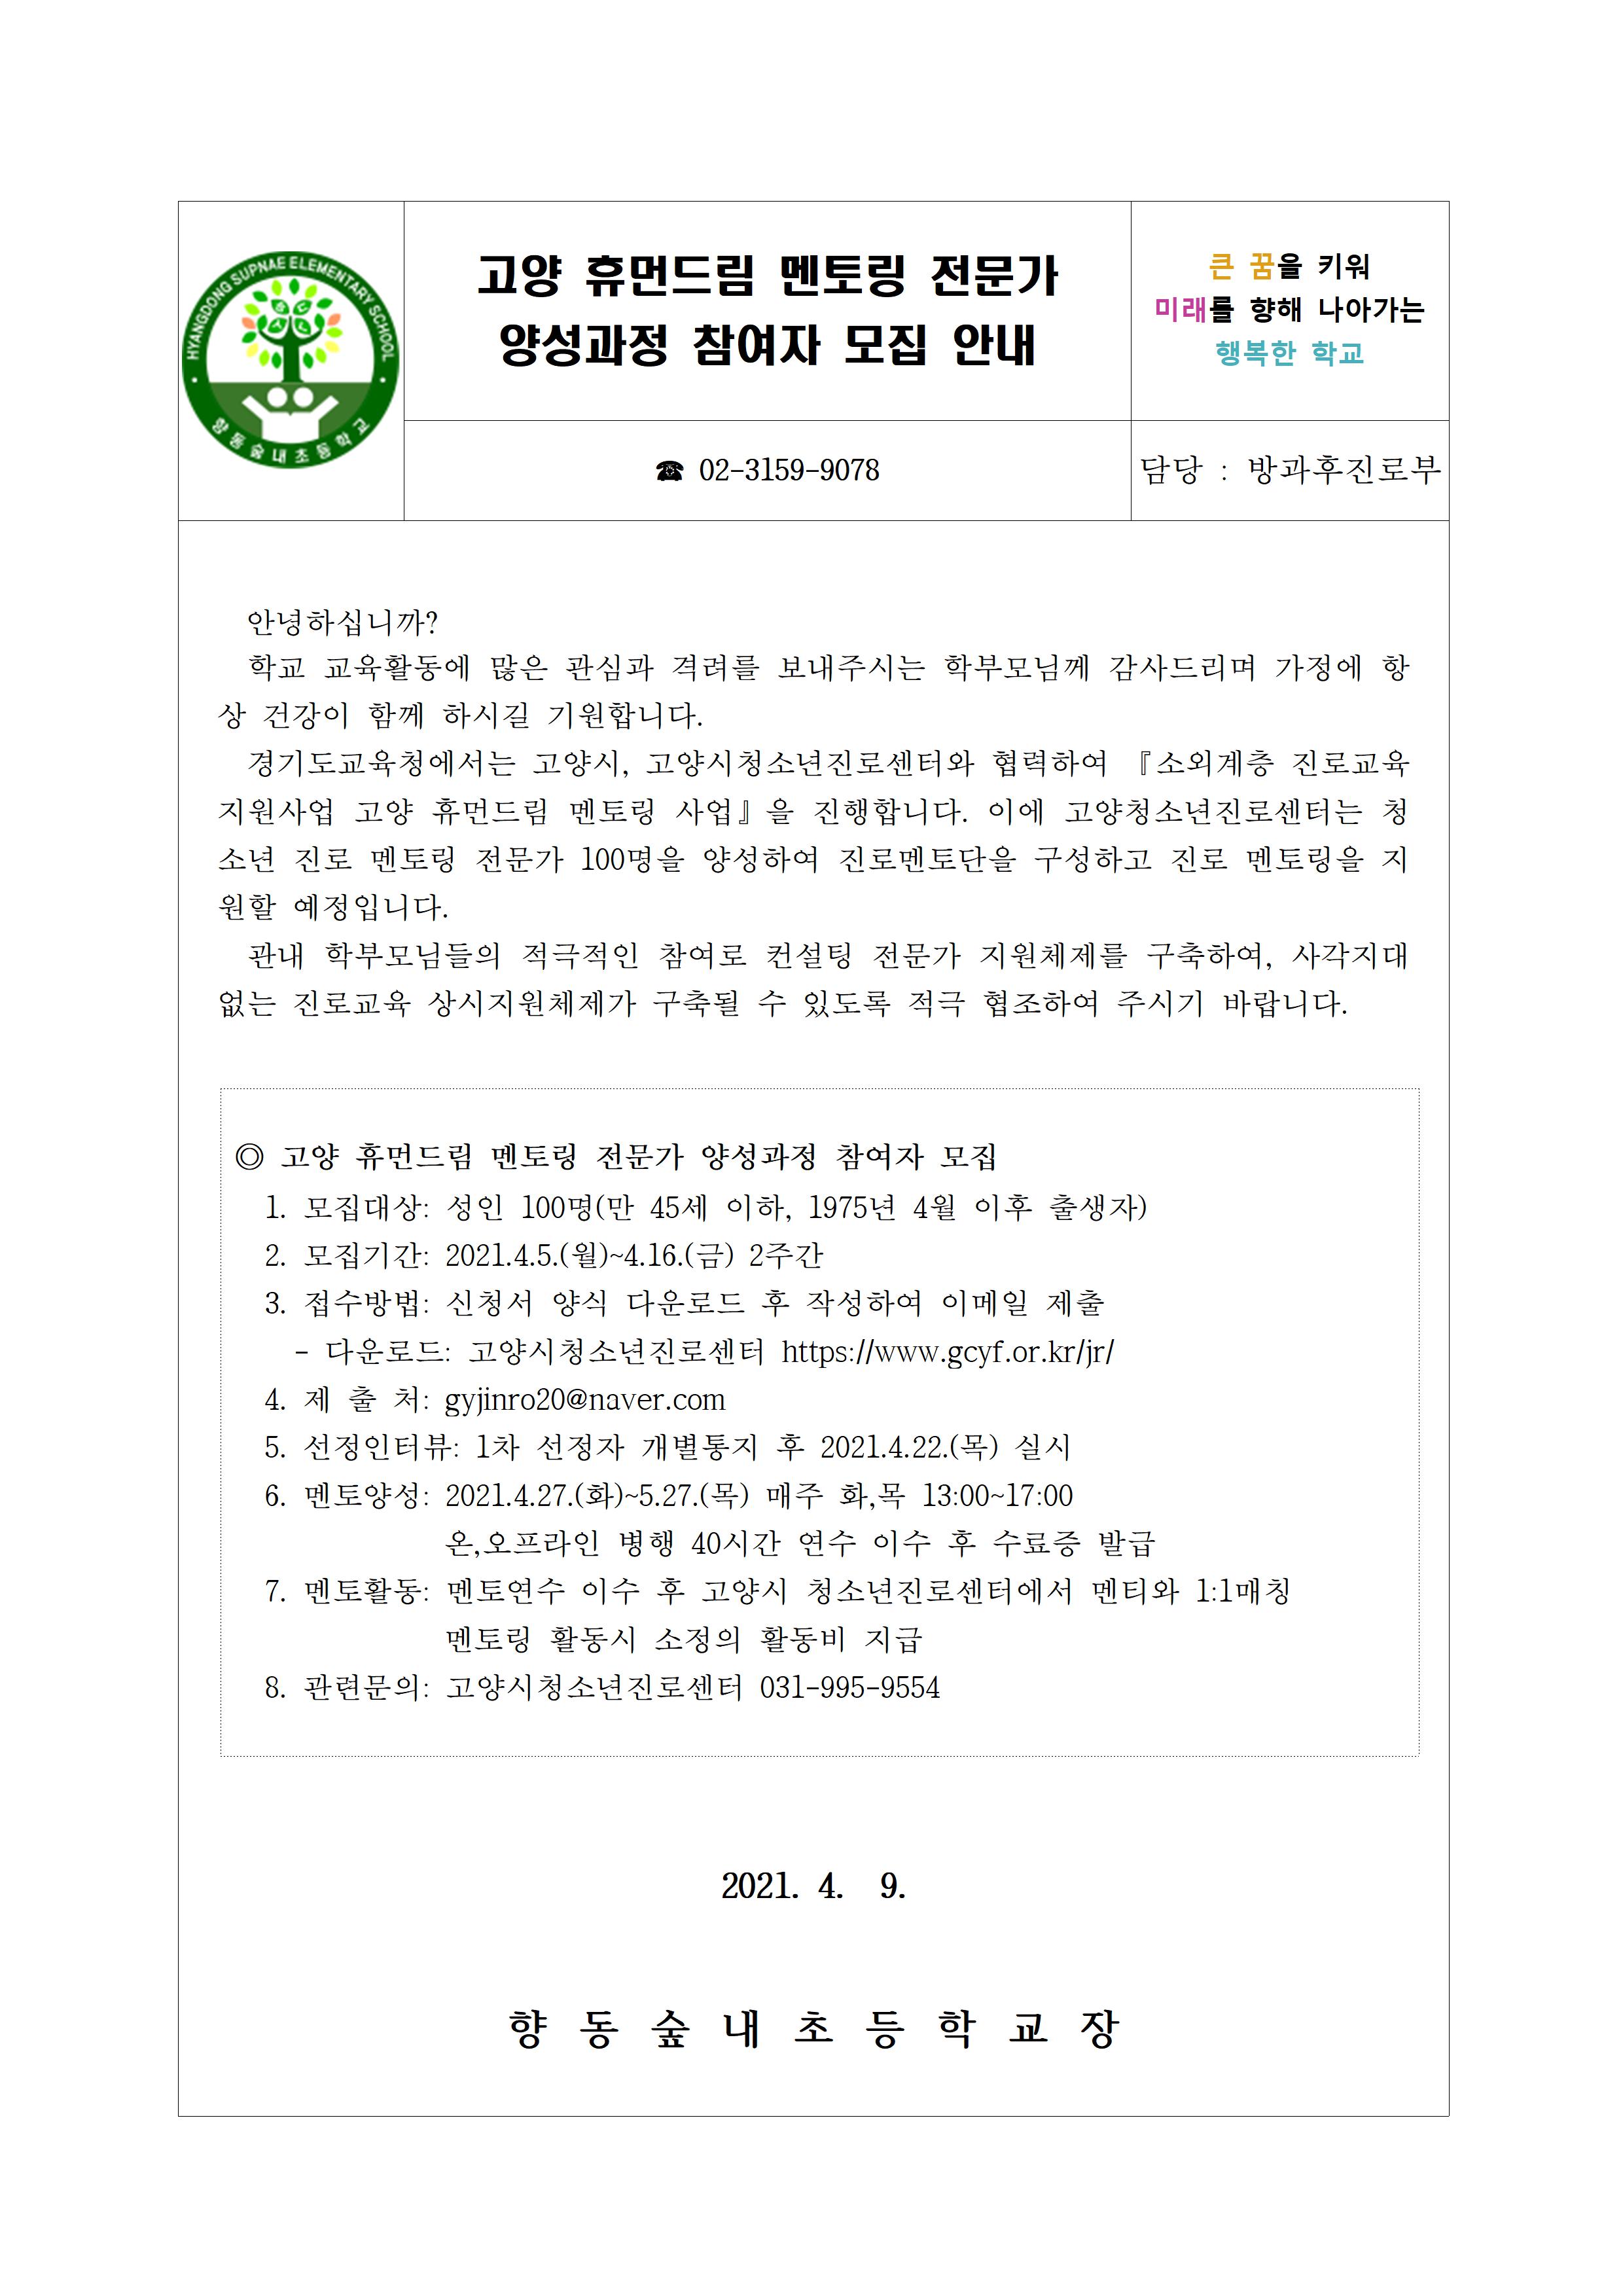 [일반] 고양 휴먼드림 멘토링 전문가 양성과정 참여자 모집 안내의 첨부이미지 1